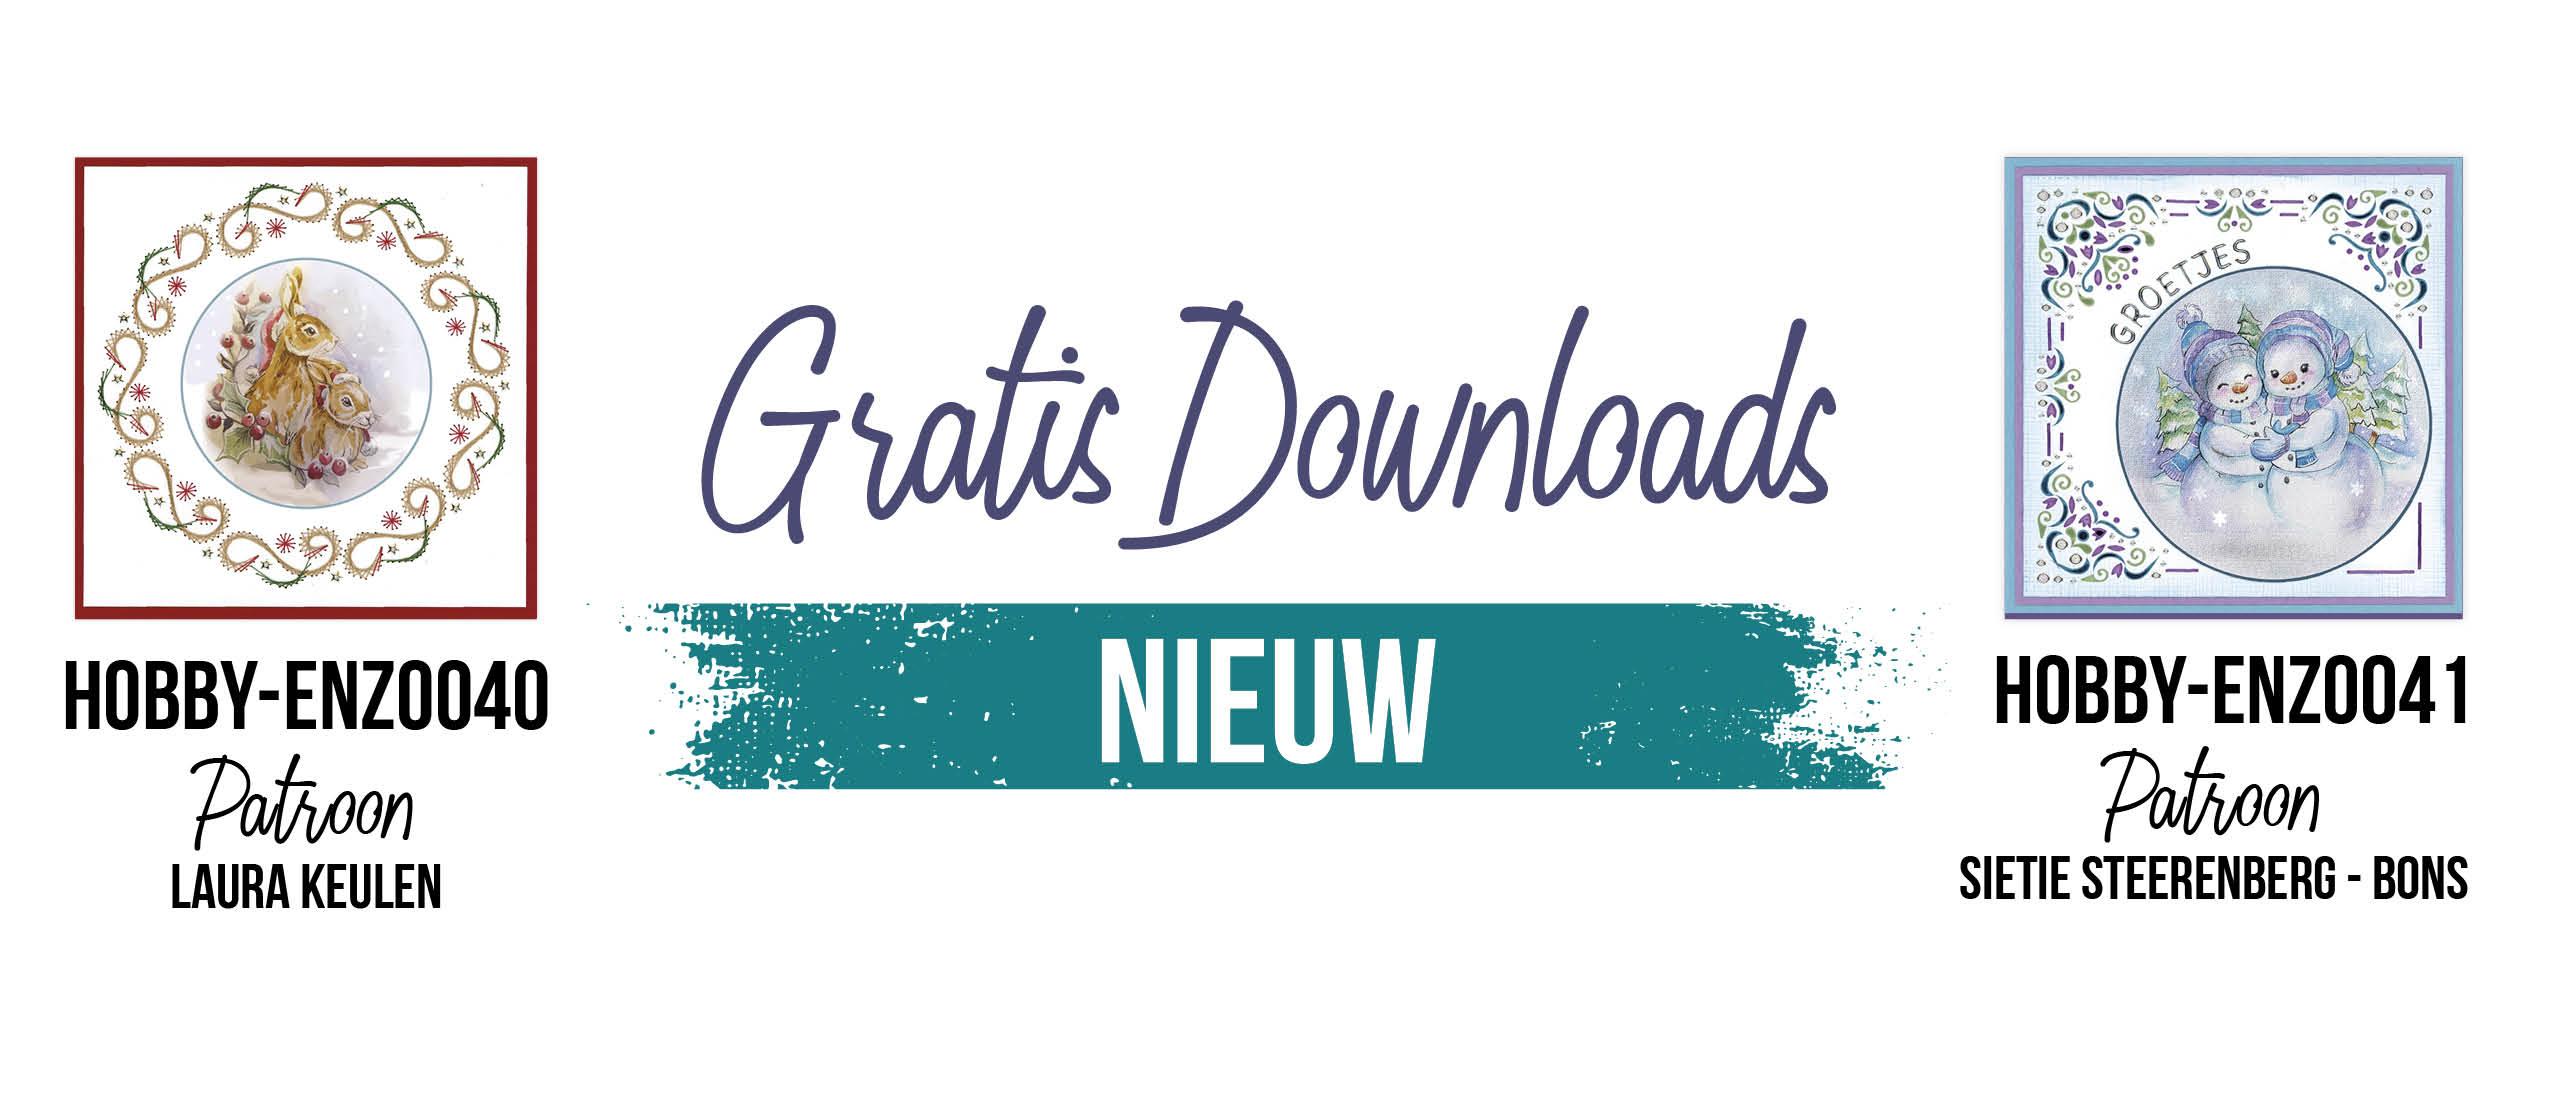 Gratis downloads bij Hobby&Zo 14